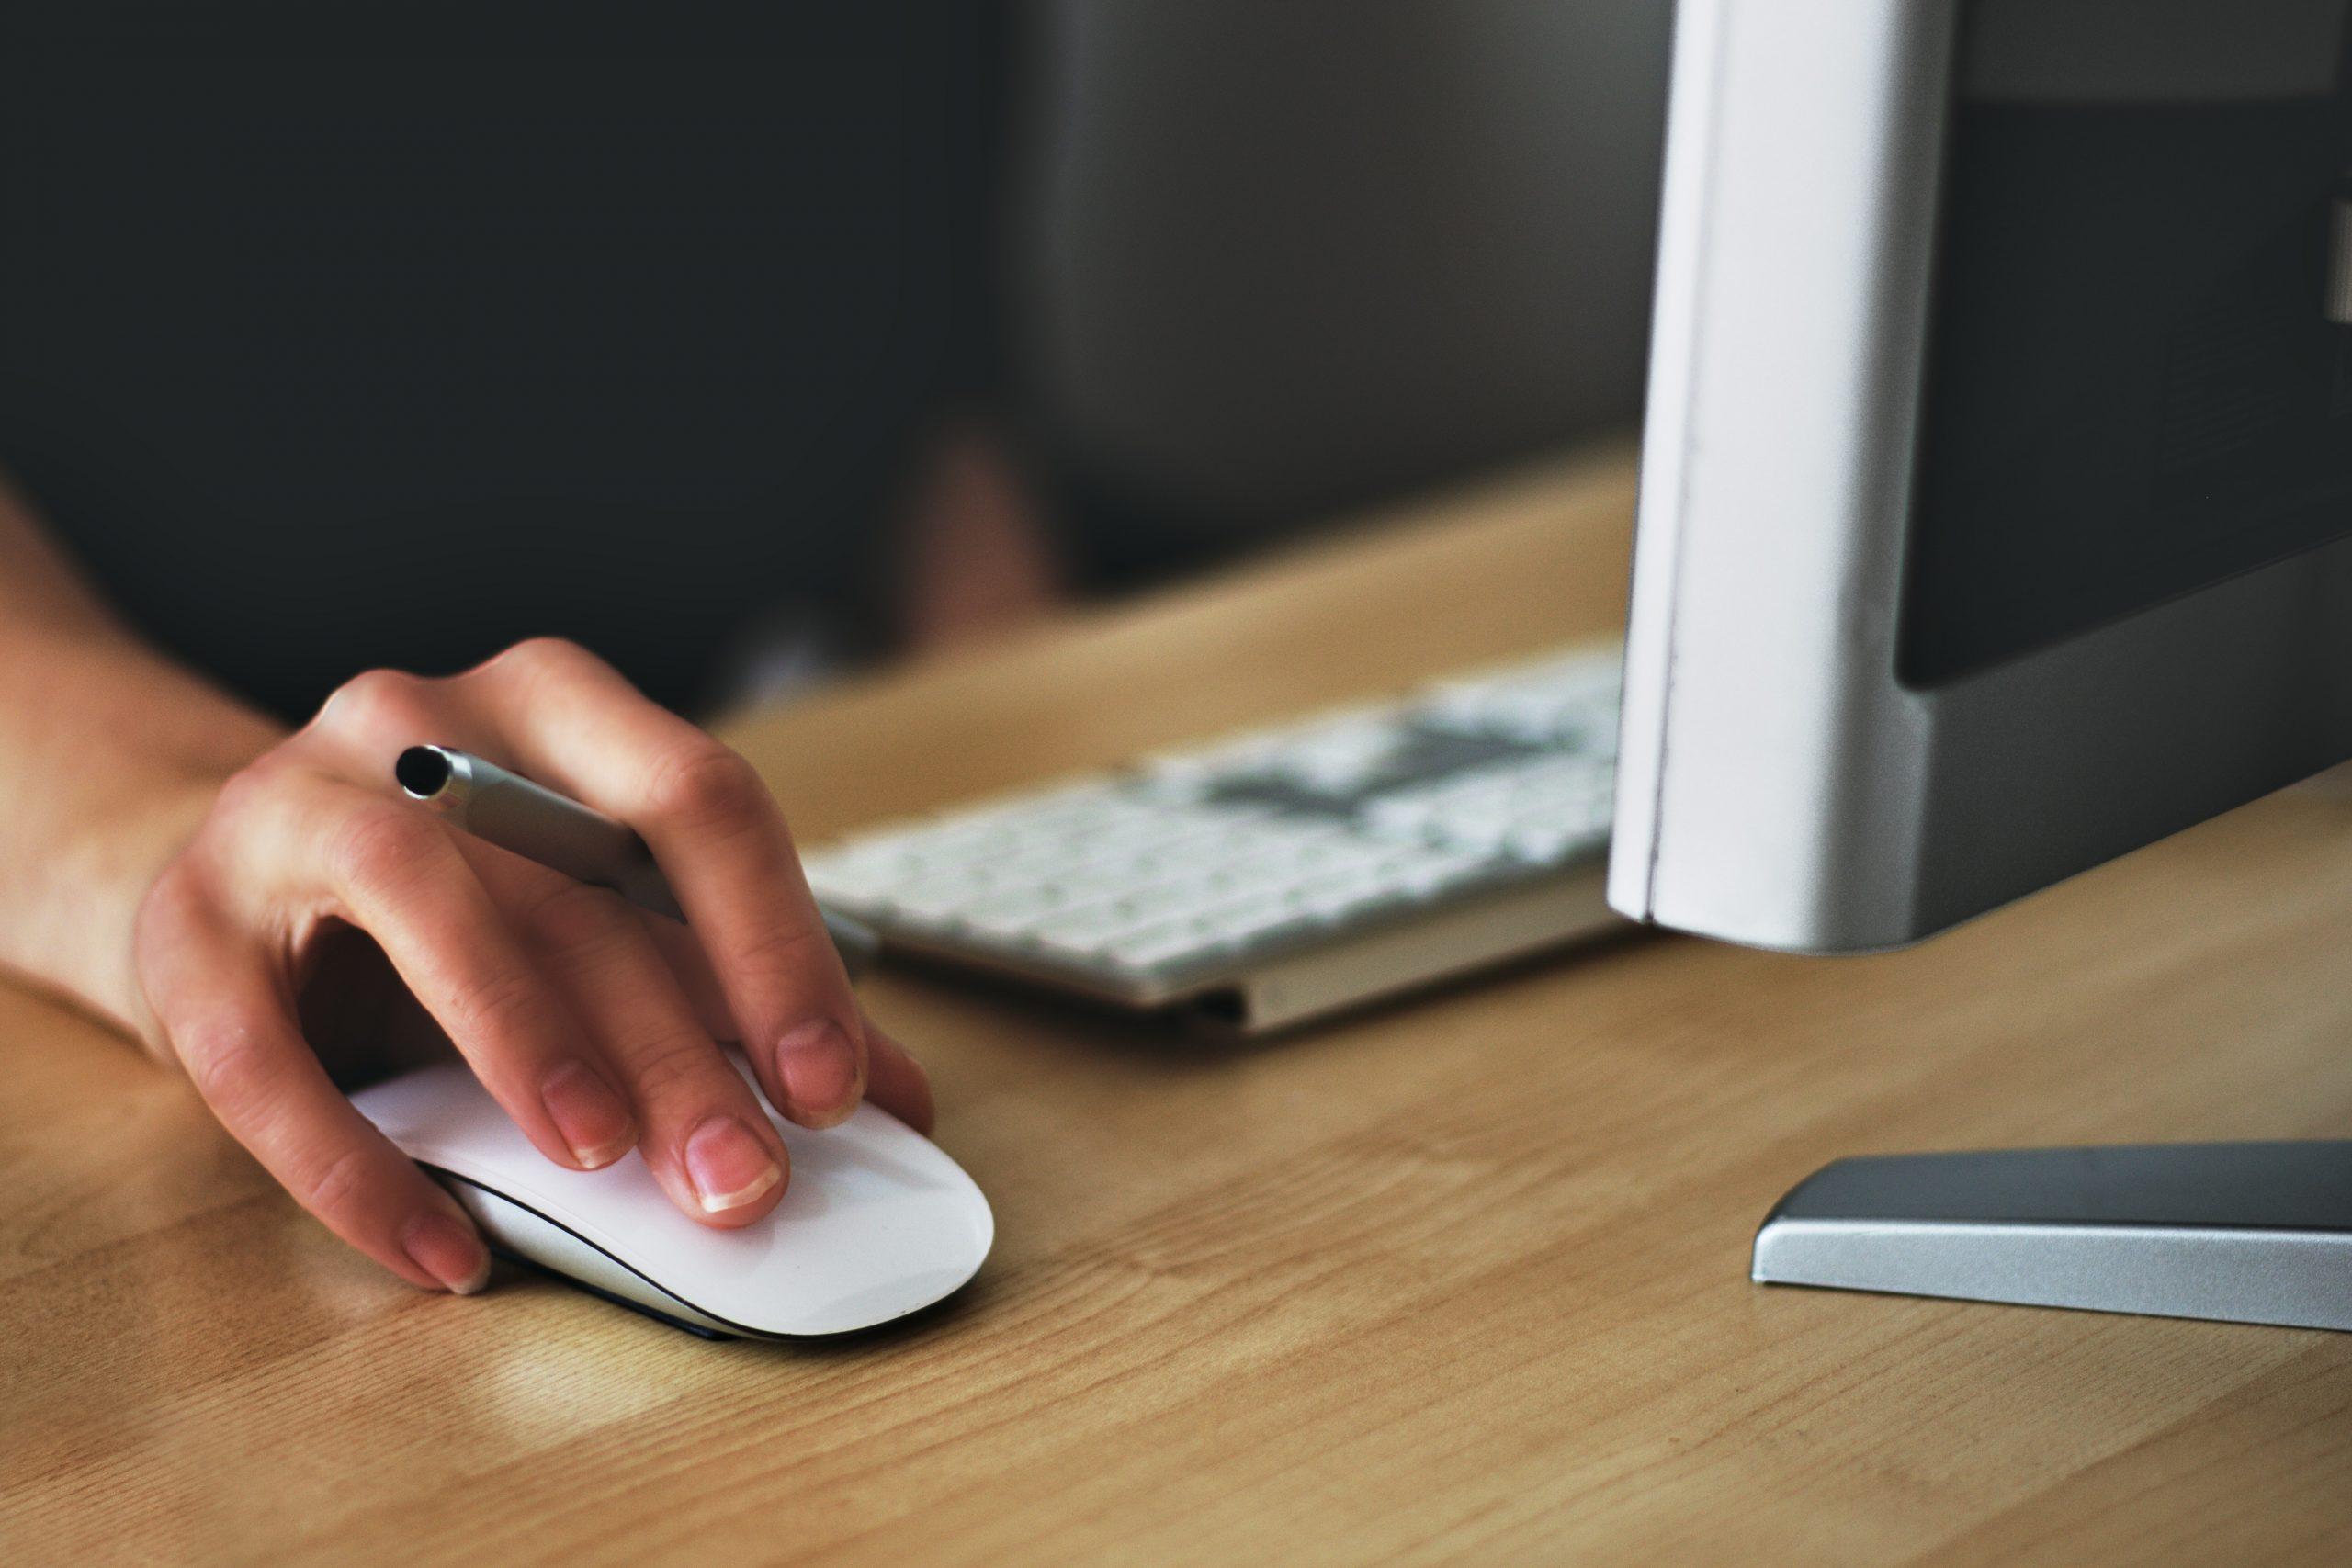 Computer at a desk